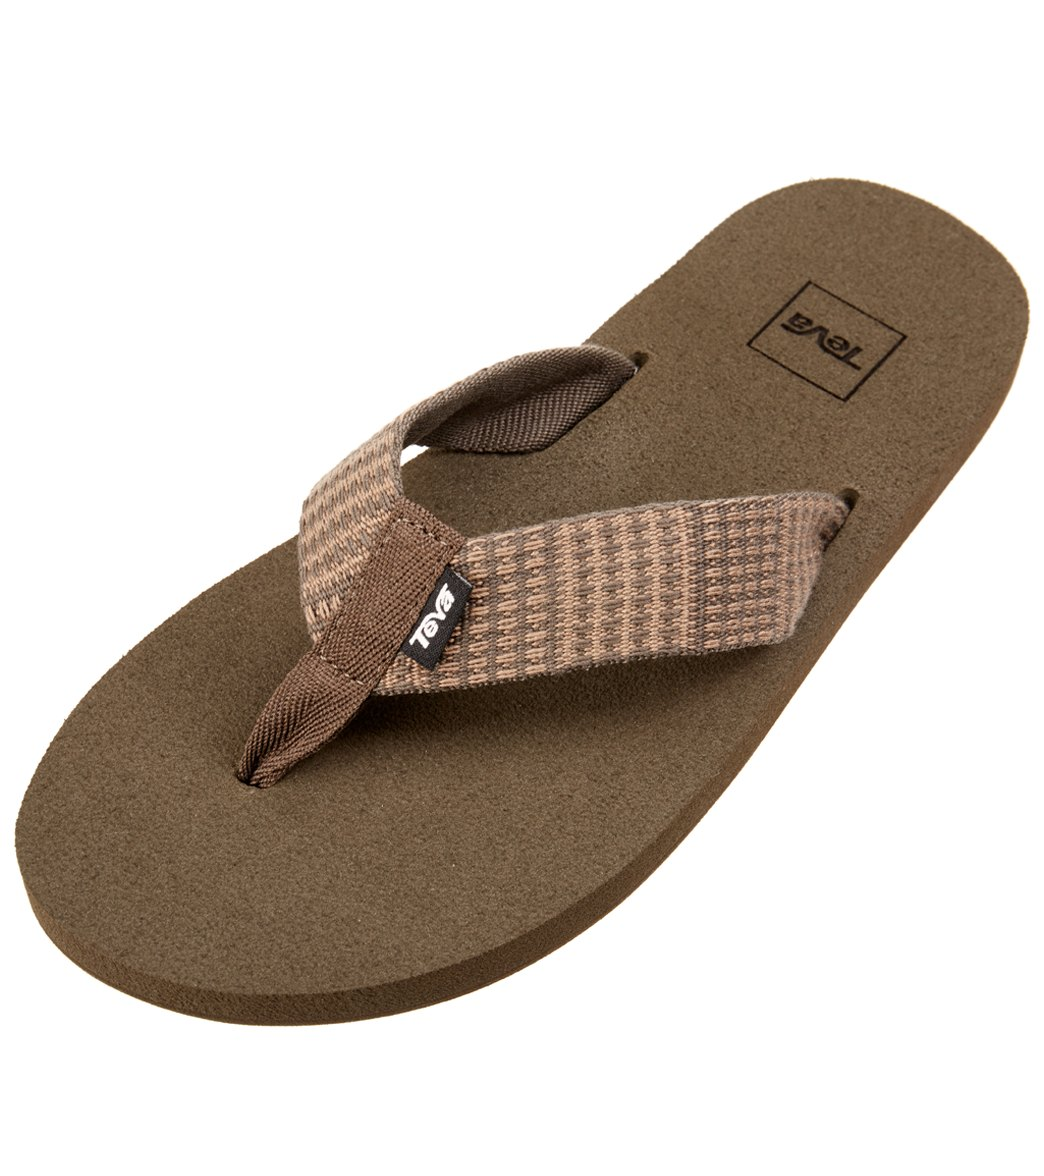 451847ed1 Teva Men s Mush II Flip Flop at SwimOutlet.com